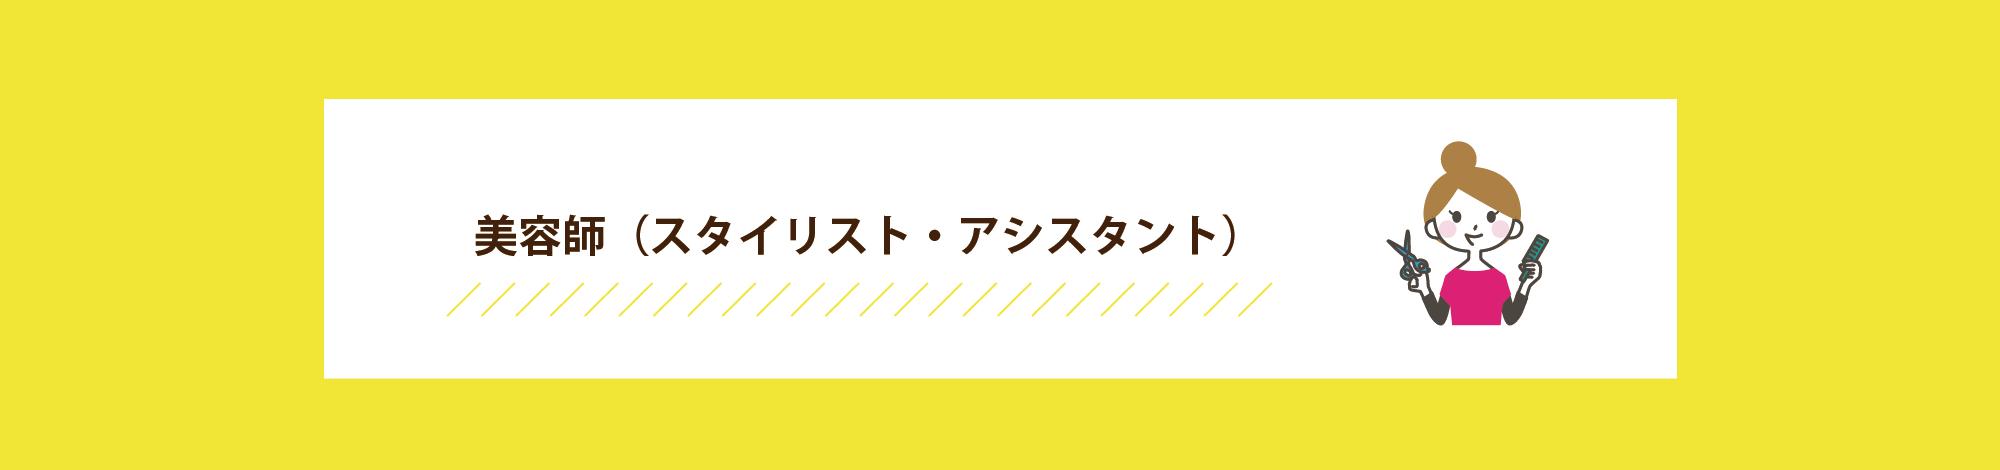 美容師募集(スタイリスト・アシスタントスタッフ)